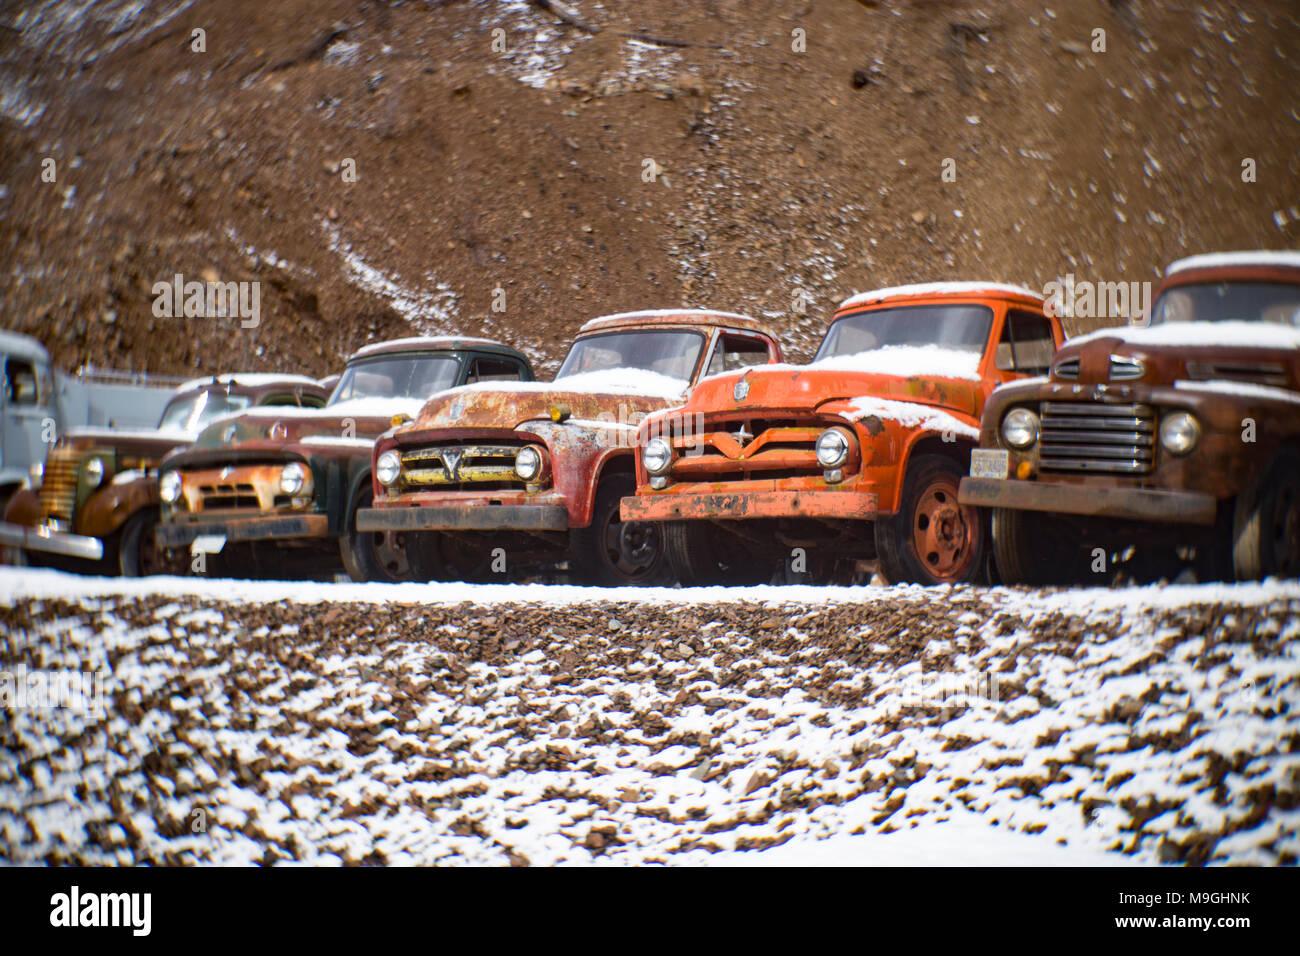 Eine Reihe von alten Ford farm Lkw aus den 1940er und 1950er Jahren, in einem alten Steinbruch, östlich von Clark Gabel Idaho. Stockbild